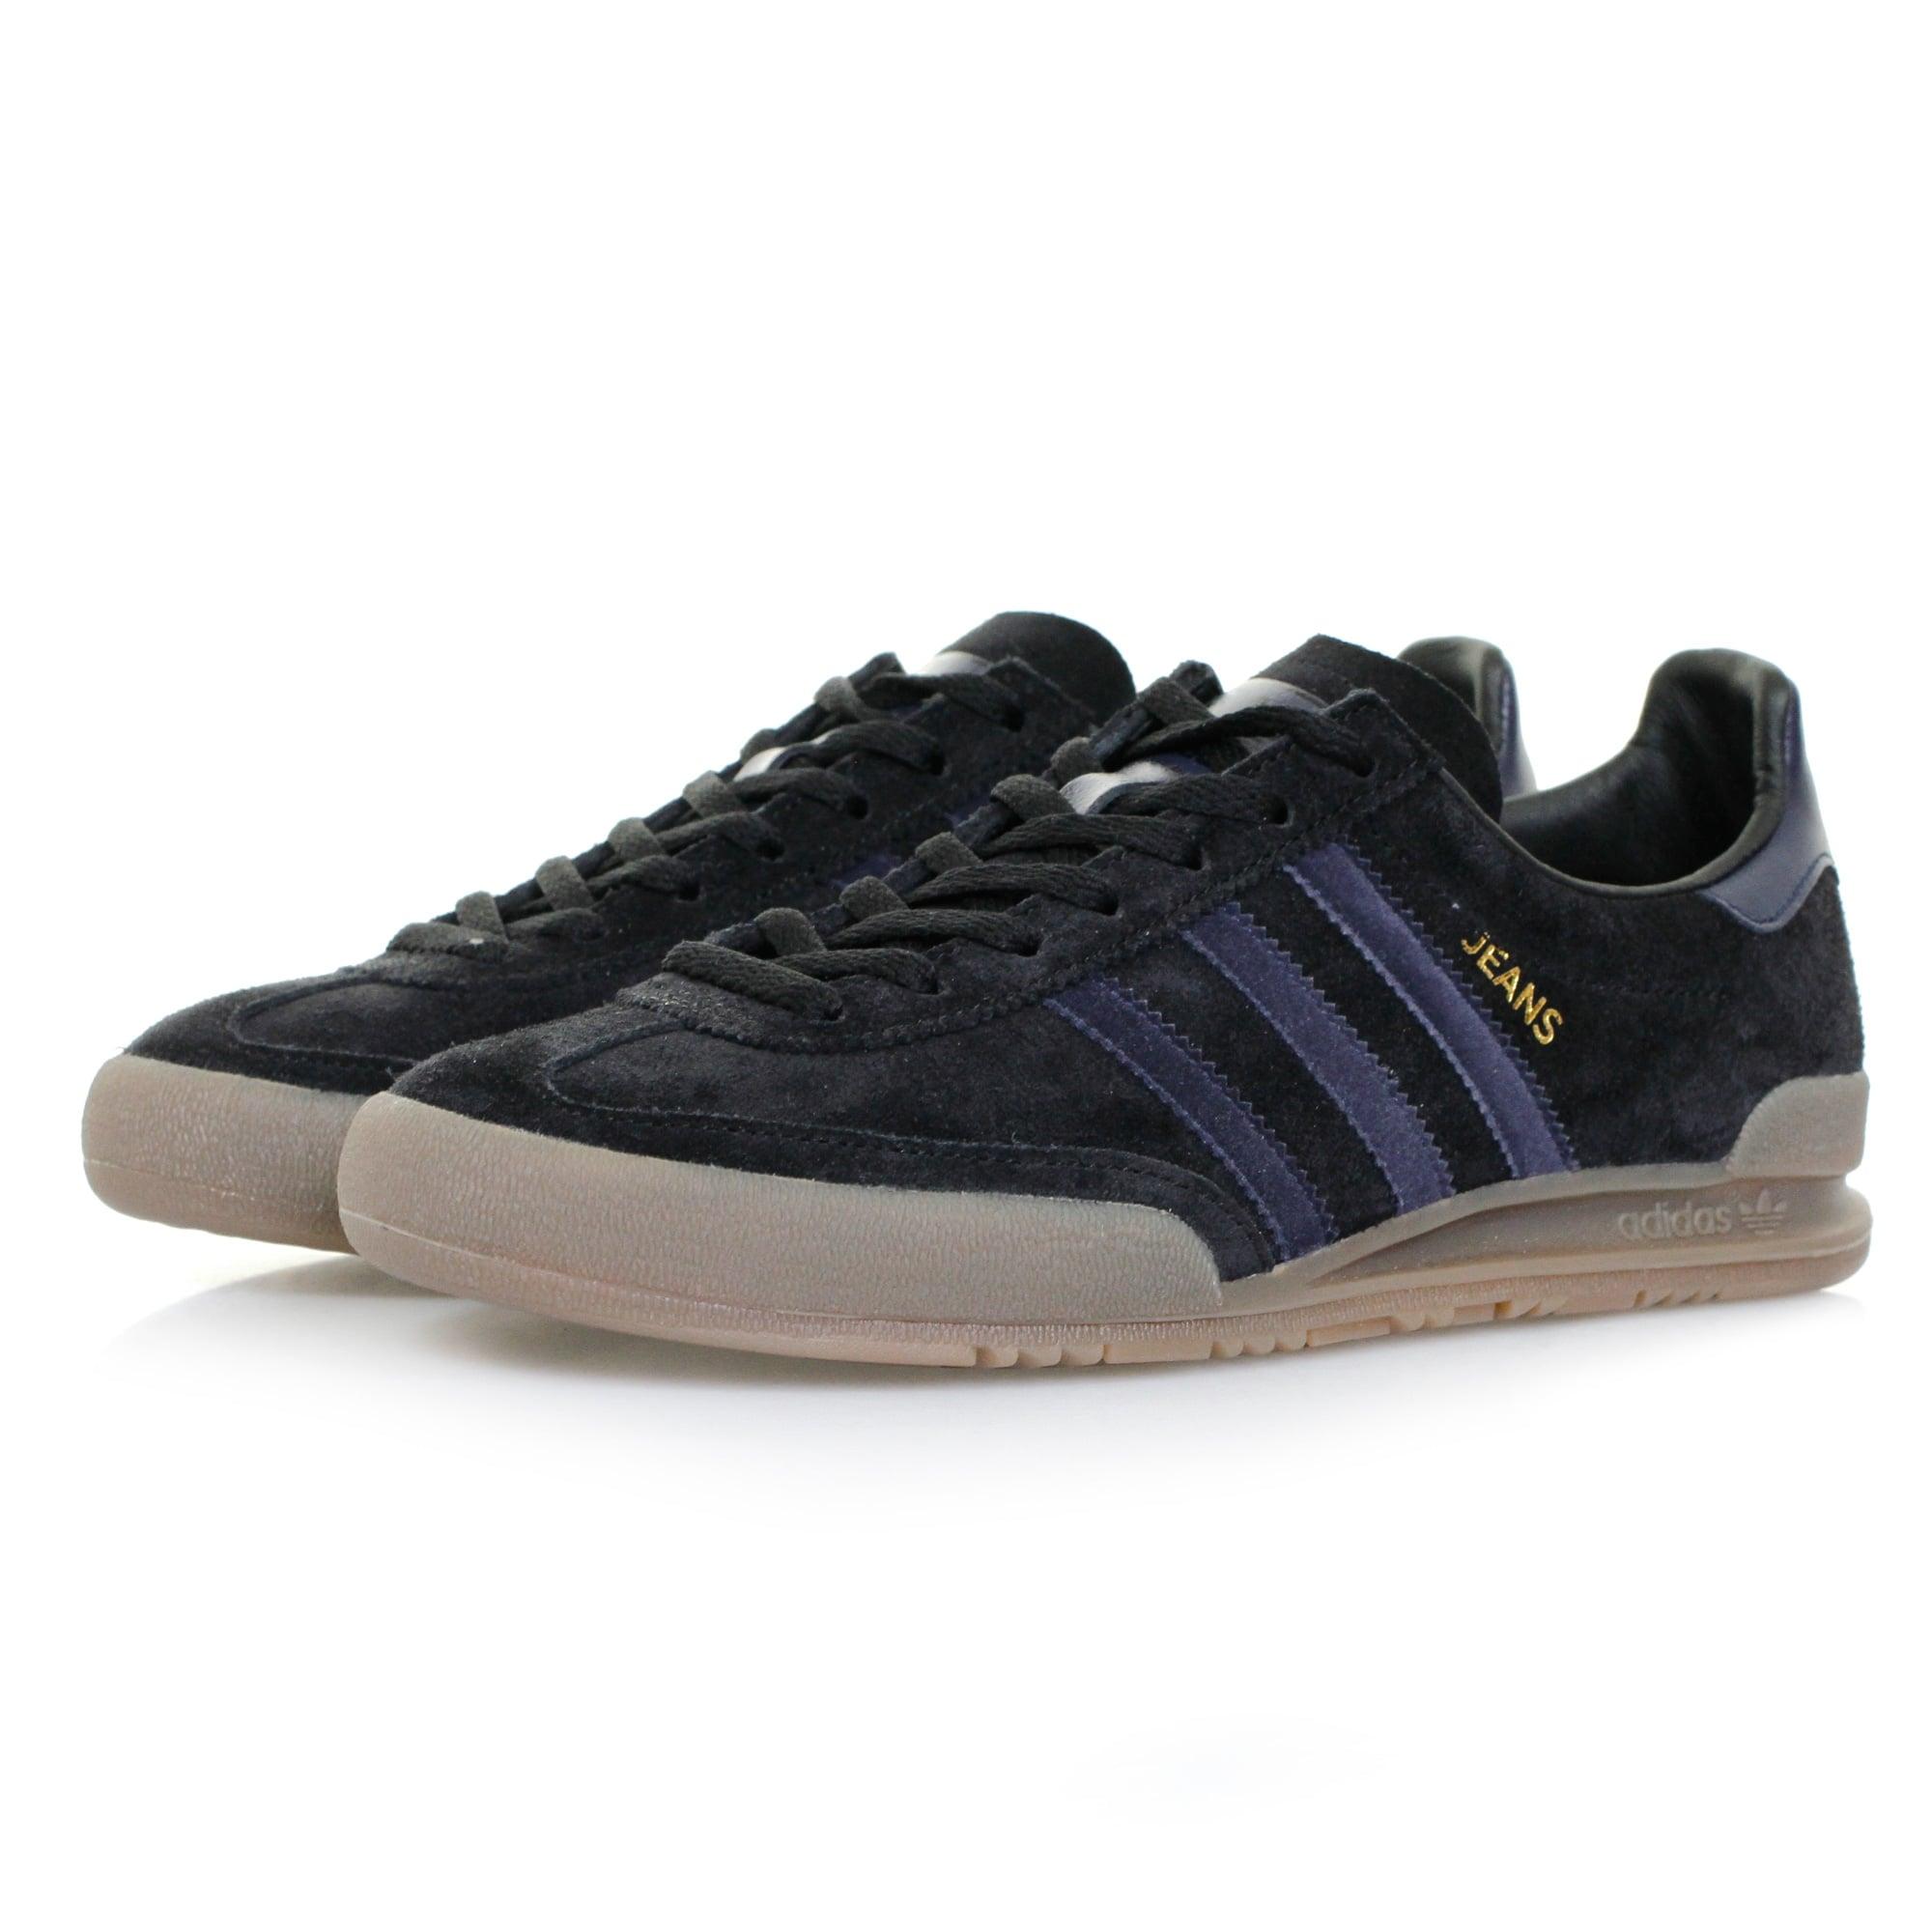 Acquista > le nuove scarpe dell'adidas > 57% OFF!